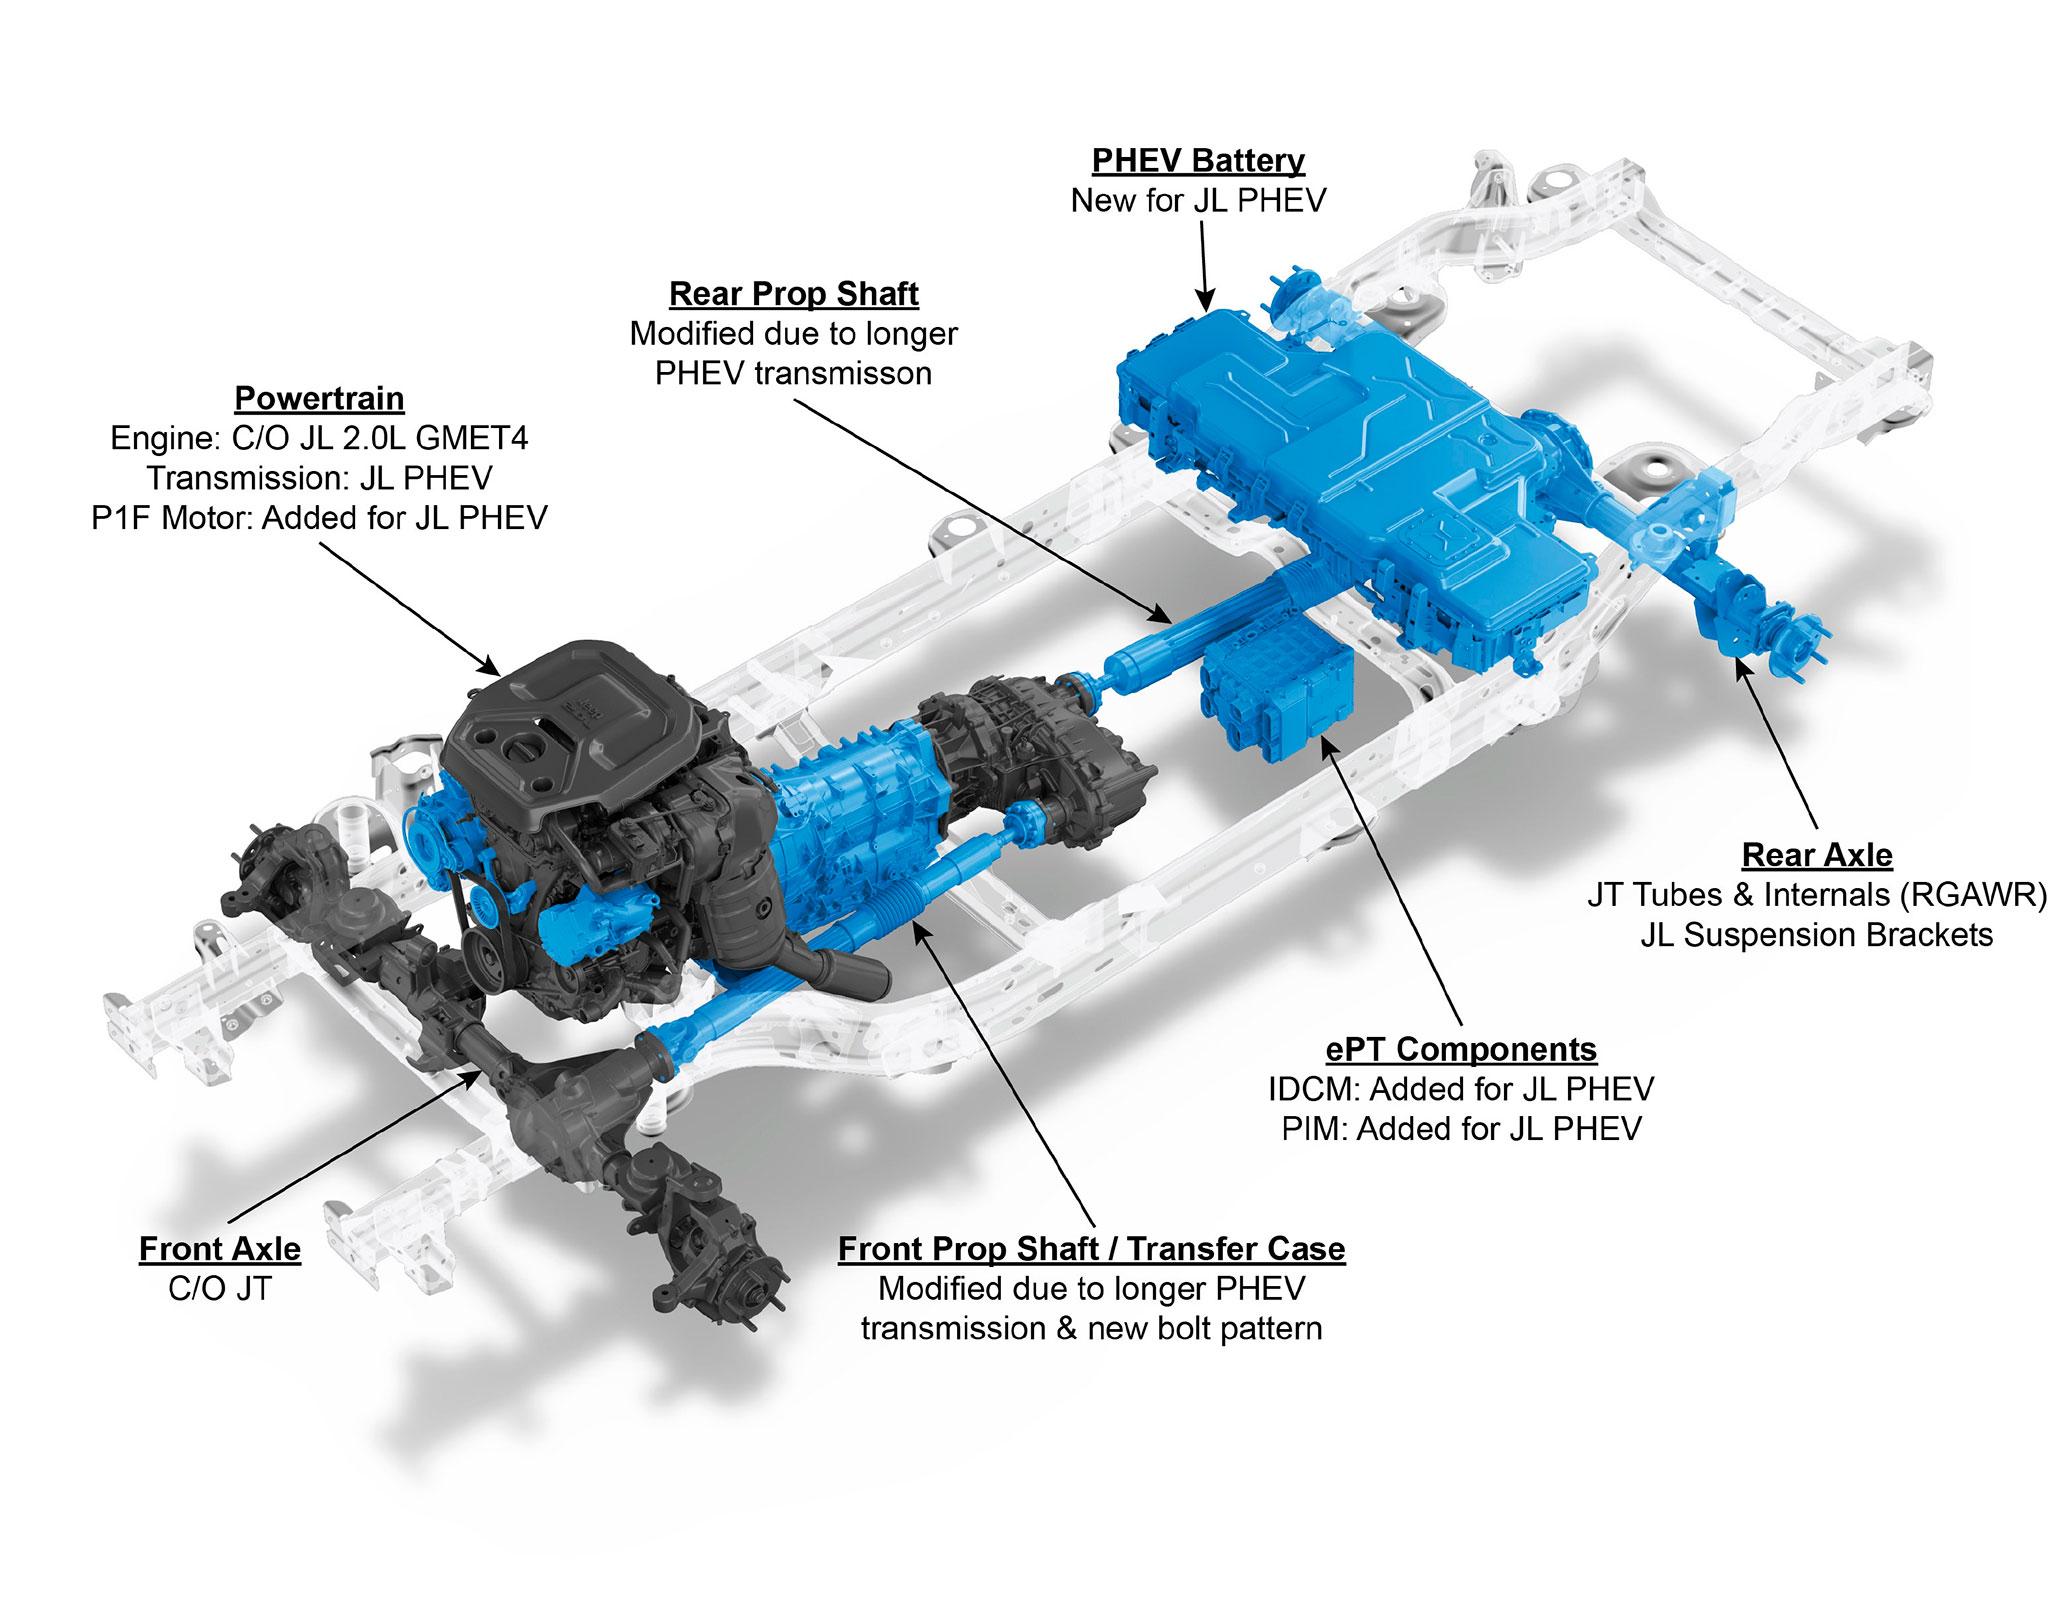 2021 Jeep Wrangler 4xe légendes des différents composants de l'hybridation